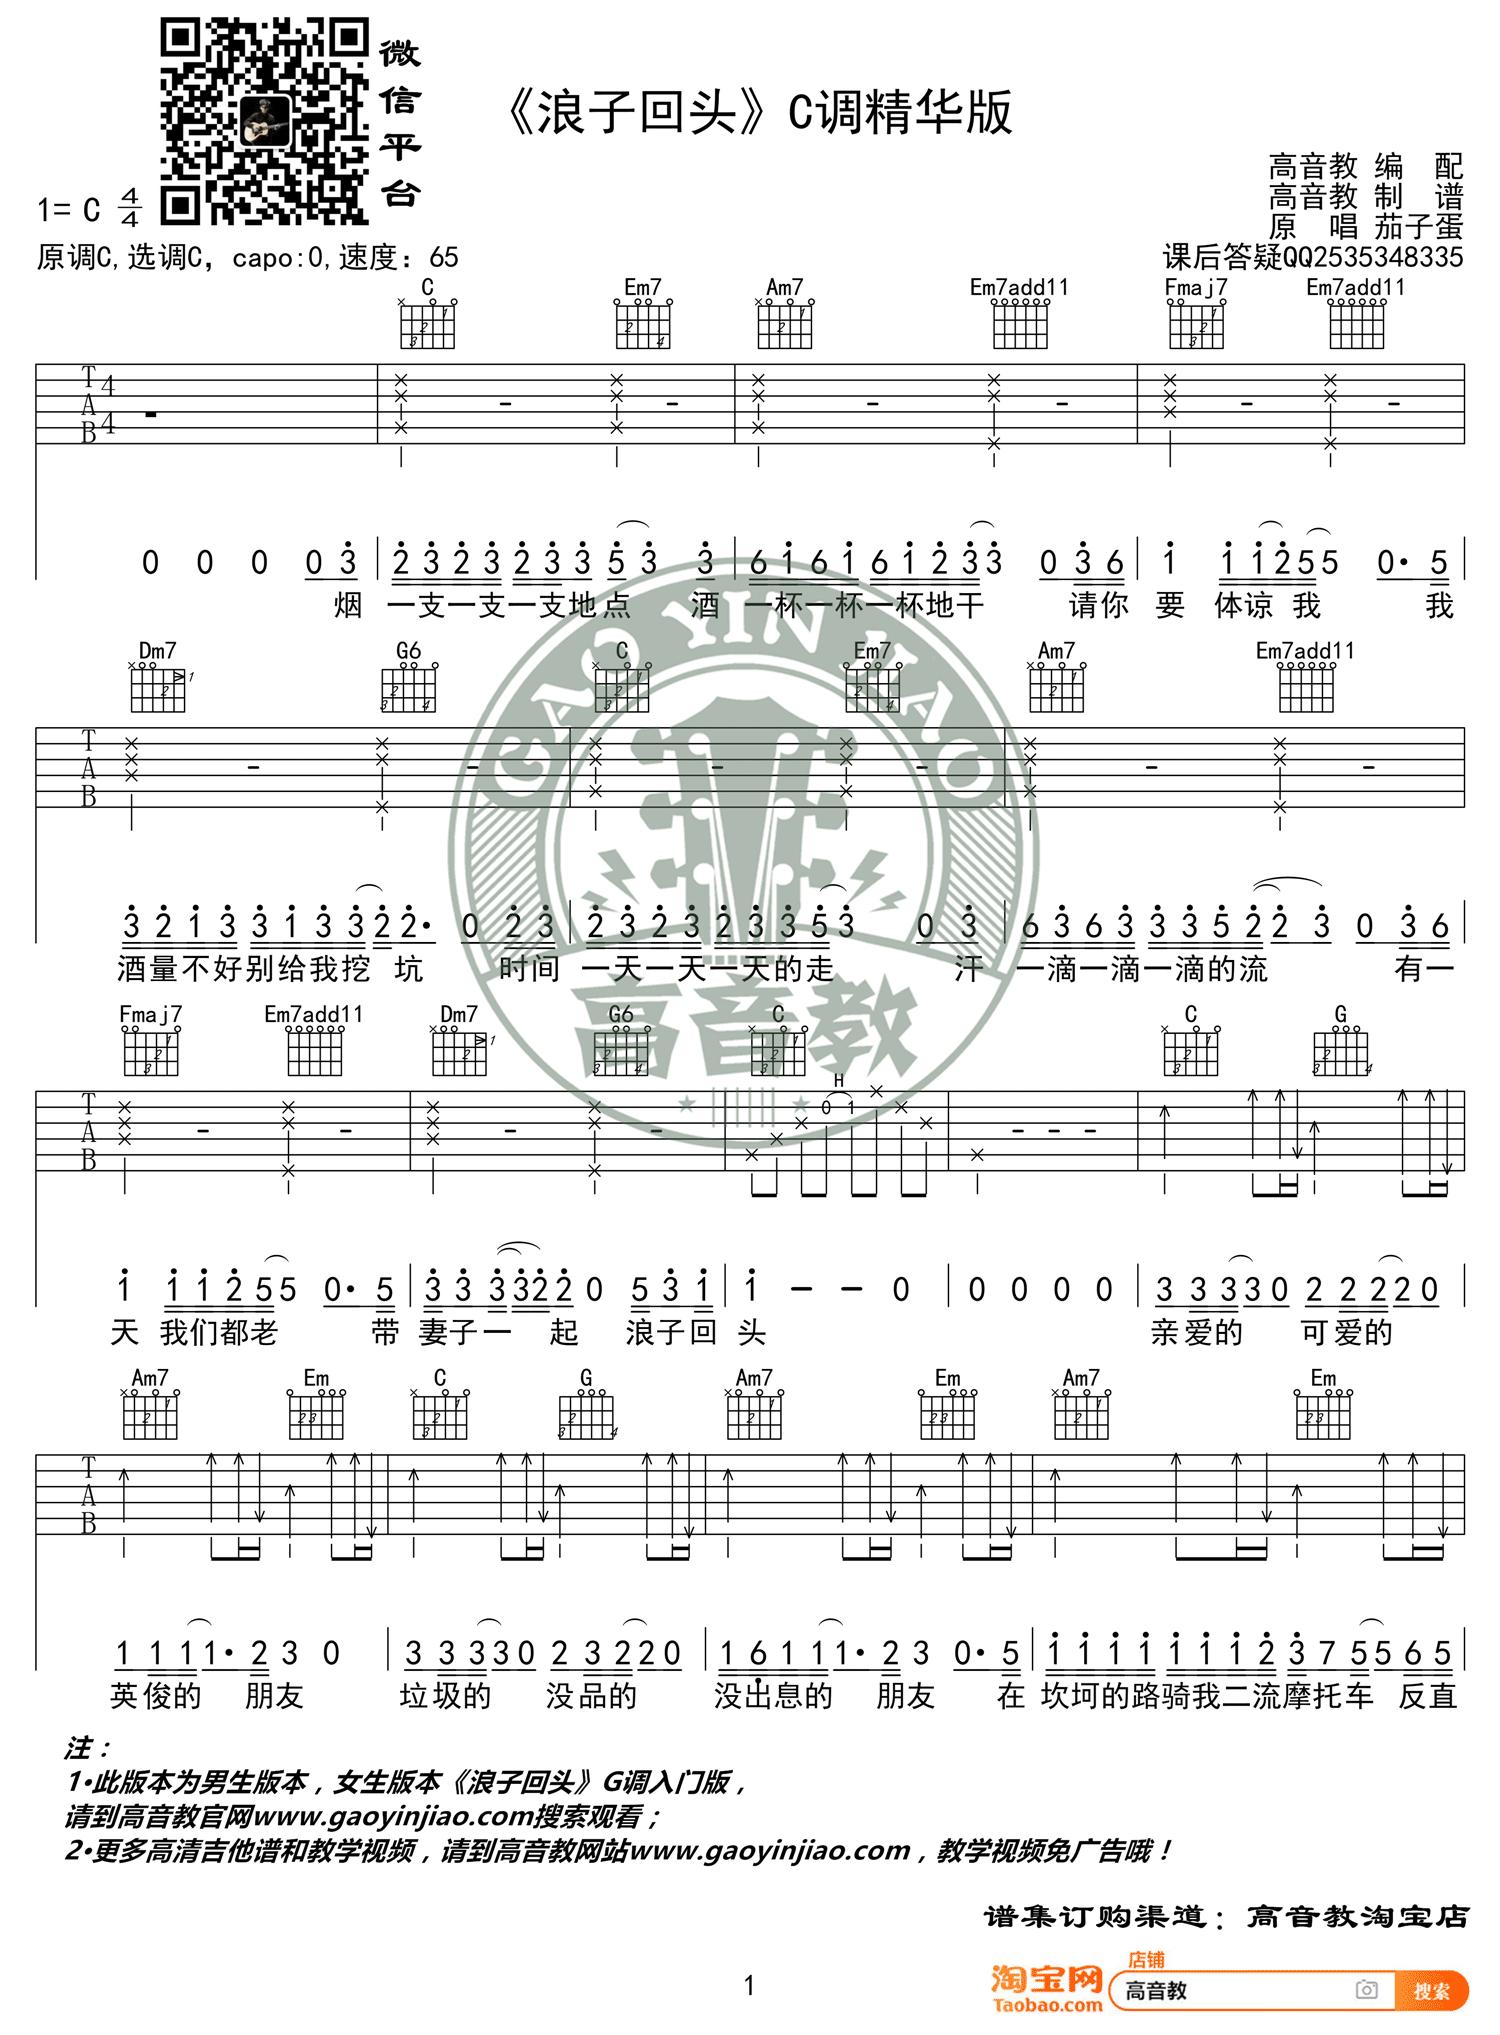 浪子回頭-茄子蛋-图片吉他谱-1